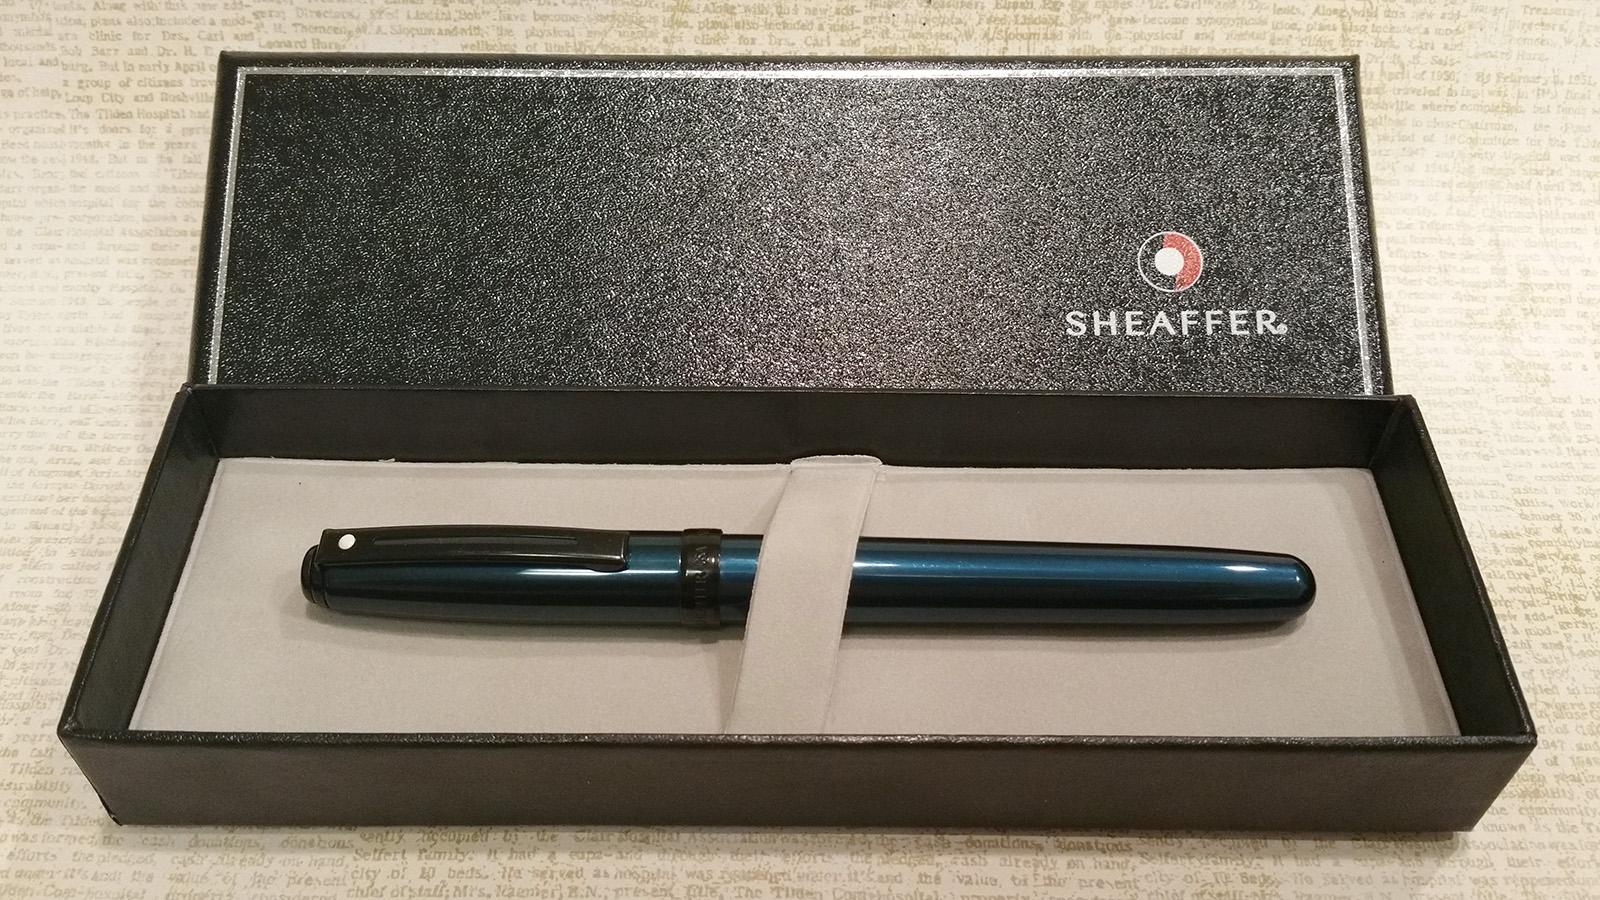 Sheaffer Prelude 380 Fountain Pen in Box